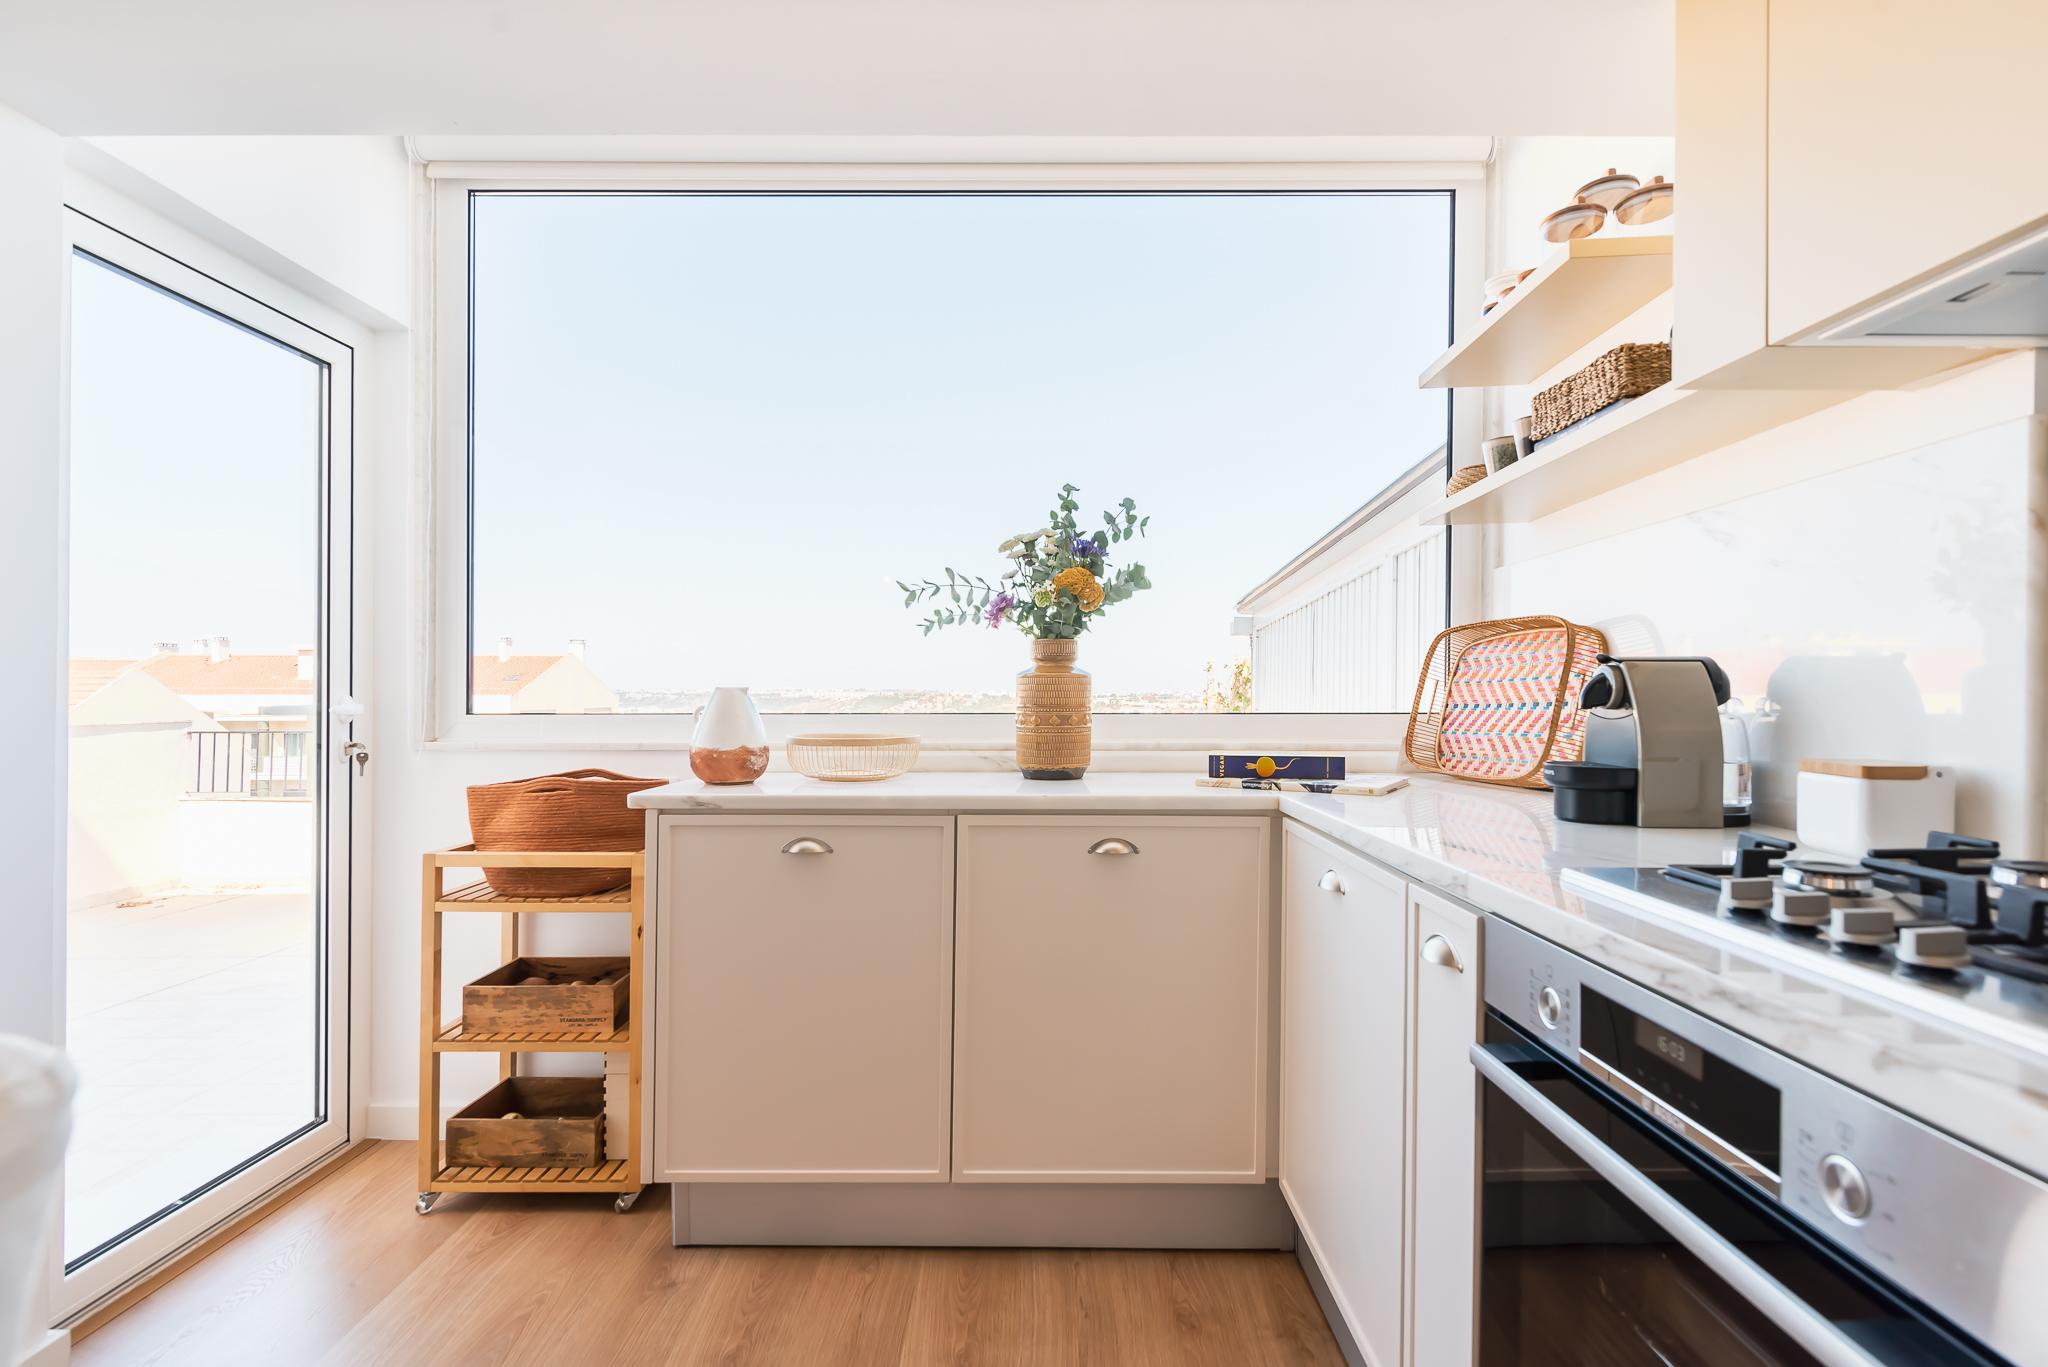 Cozinha nova feita por medida